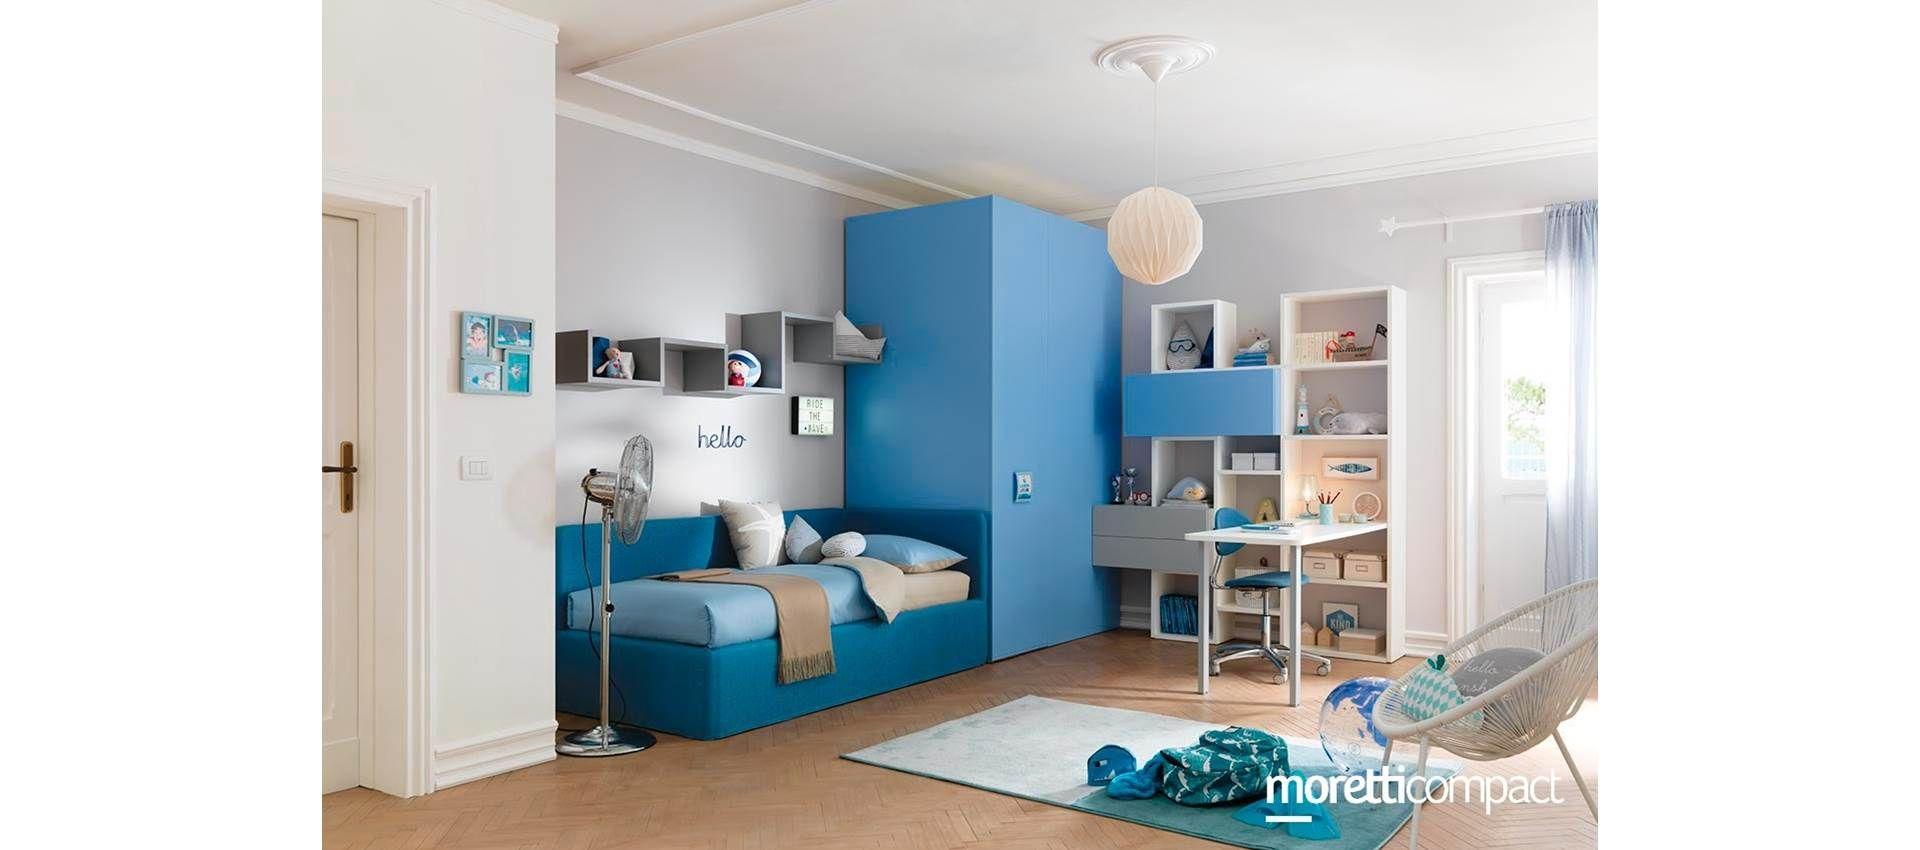 Camerette Moretti Compact Camerette, Arredamento, Mobili